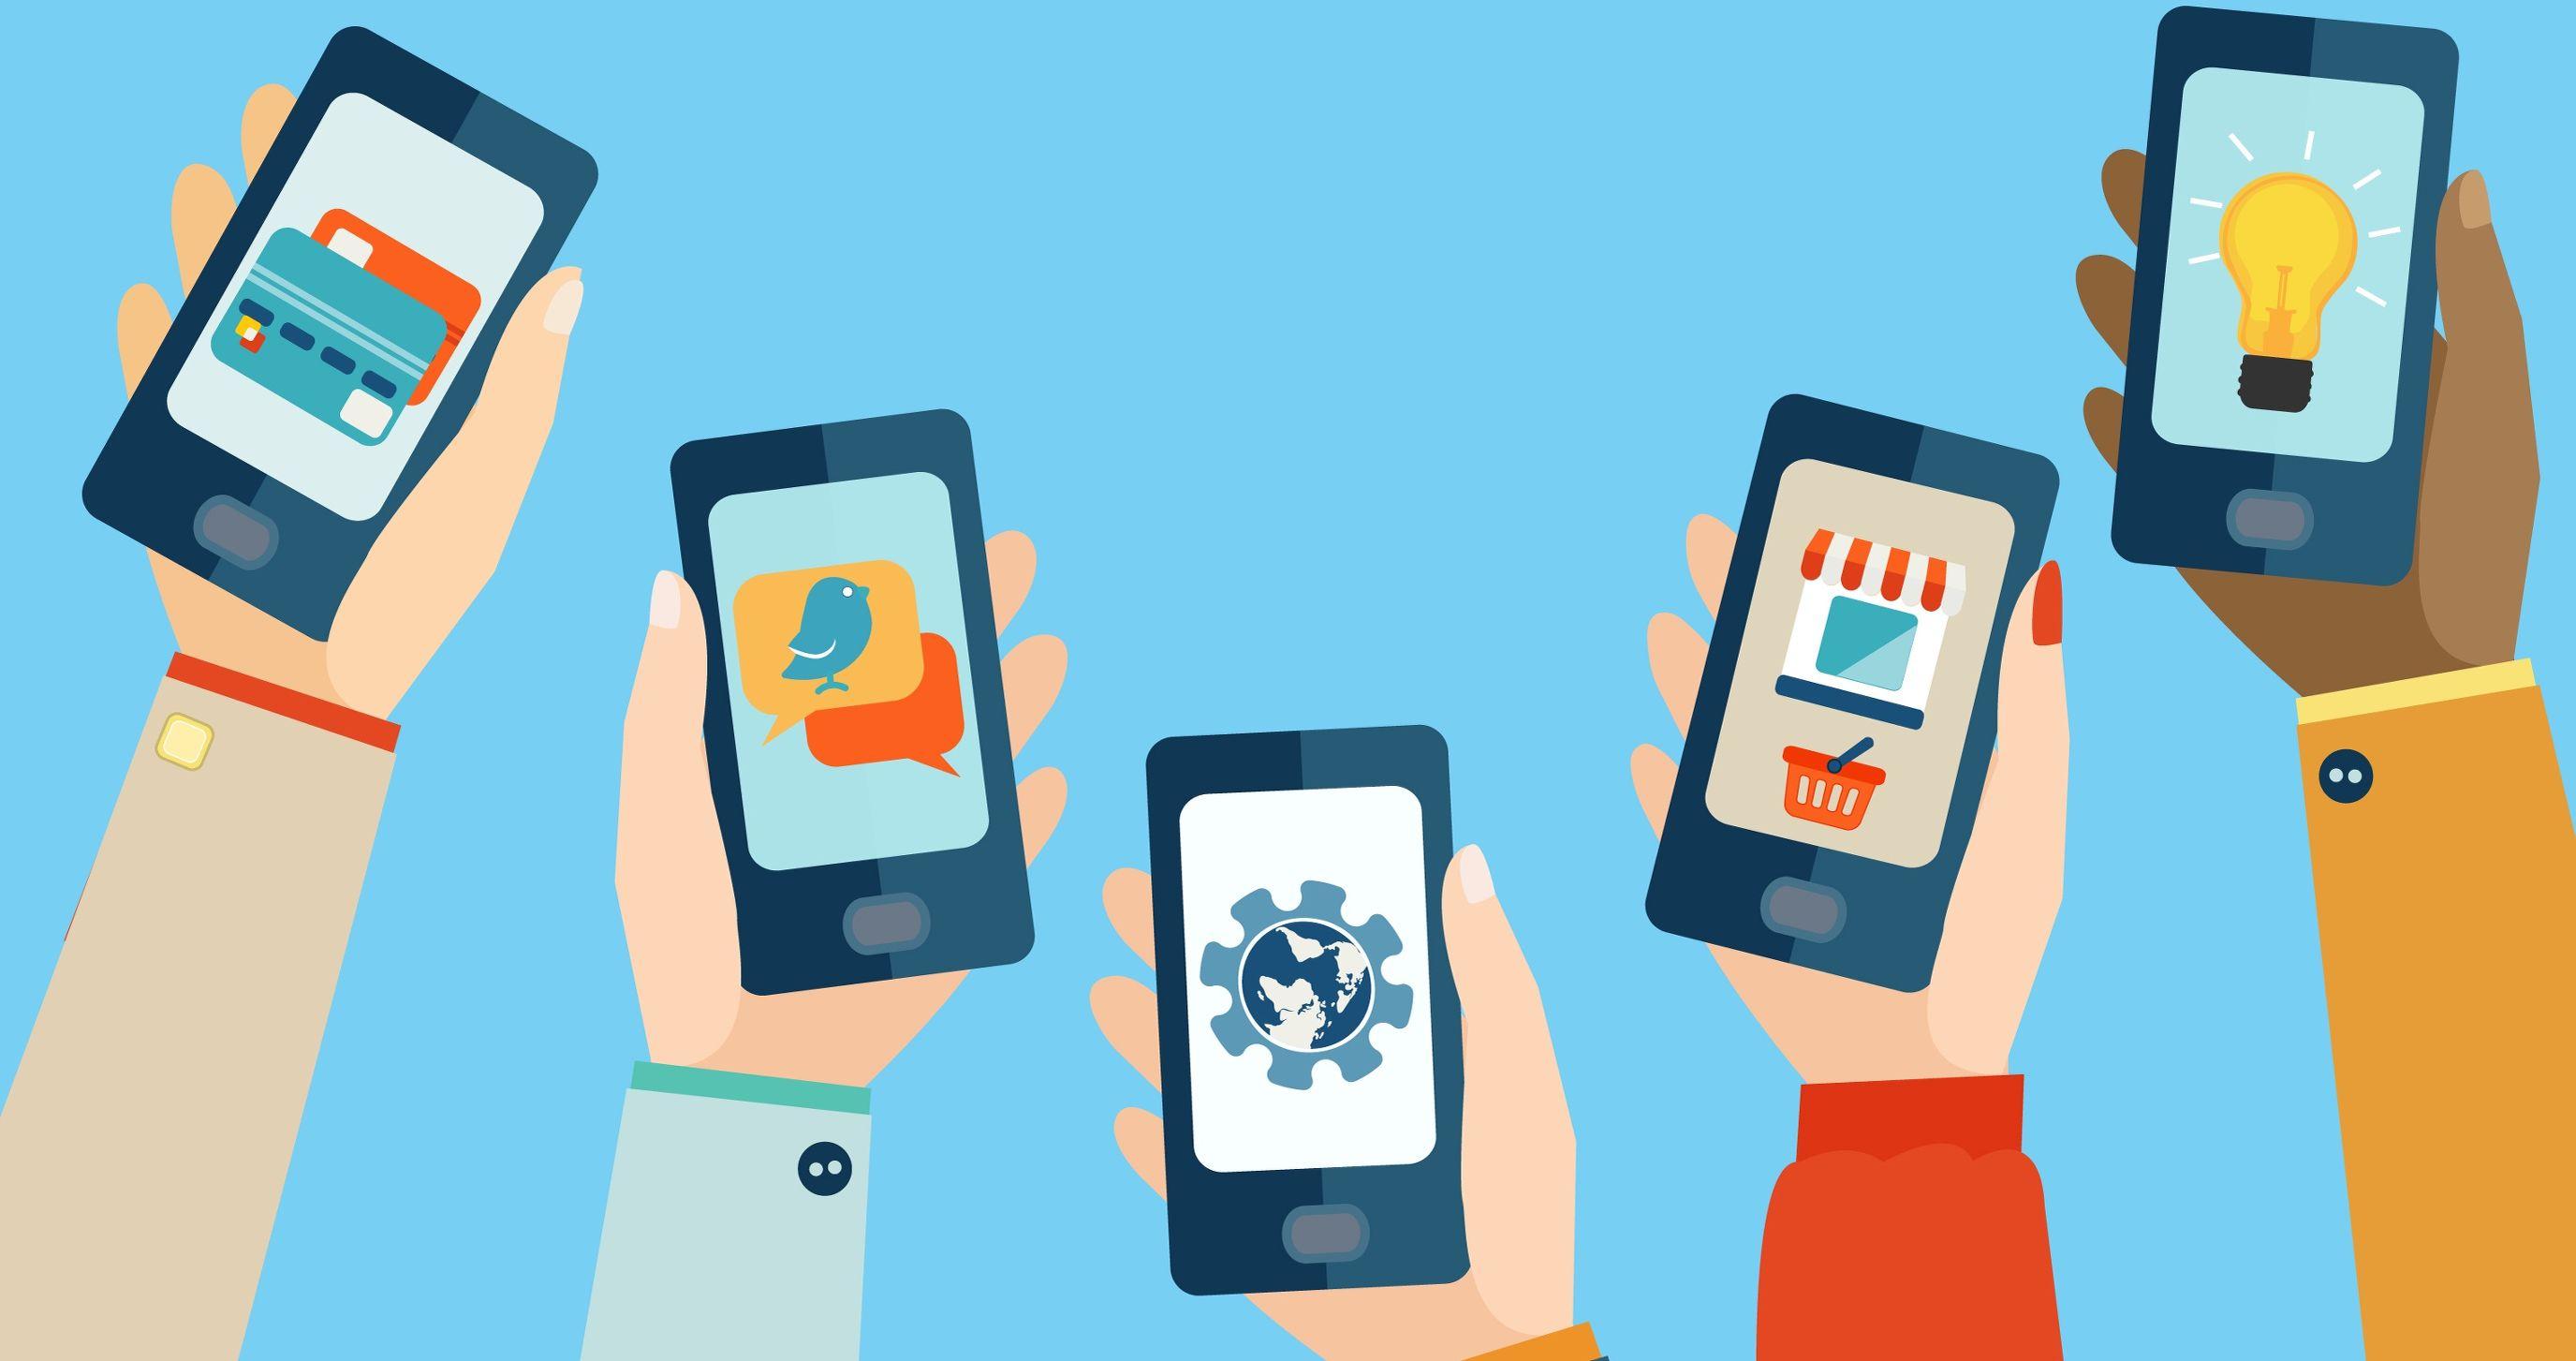 真实靠谱的四大手机赚钱方法:自媒体、兼职淘客APP、微课等